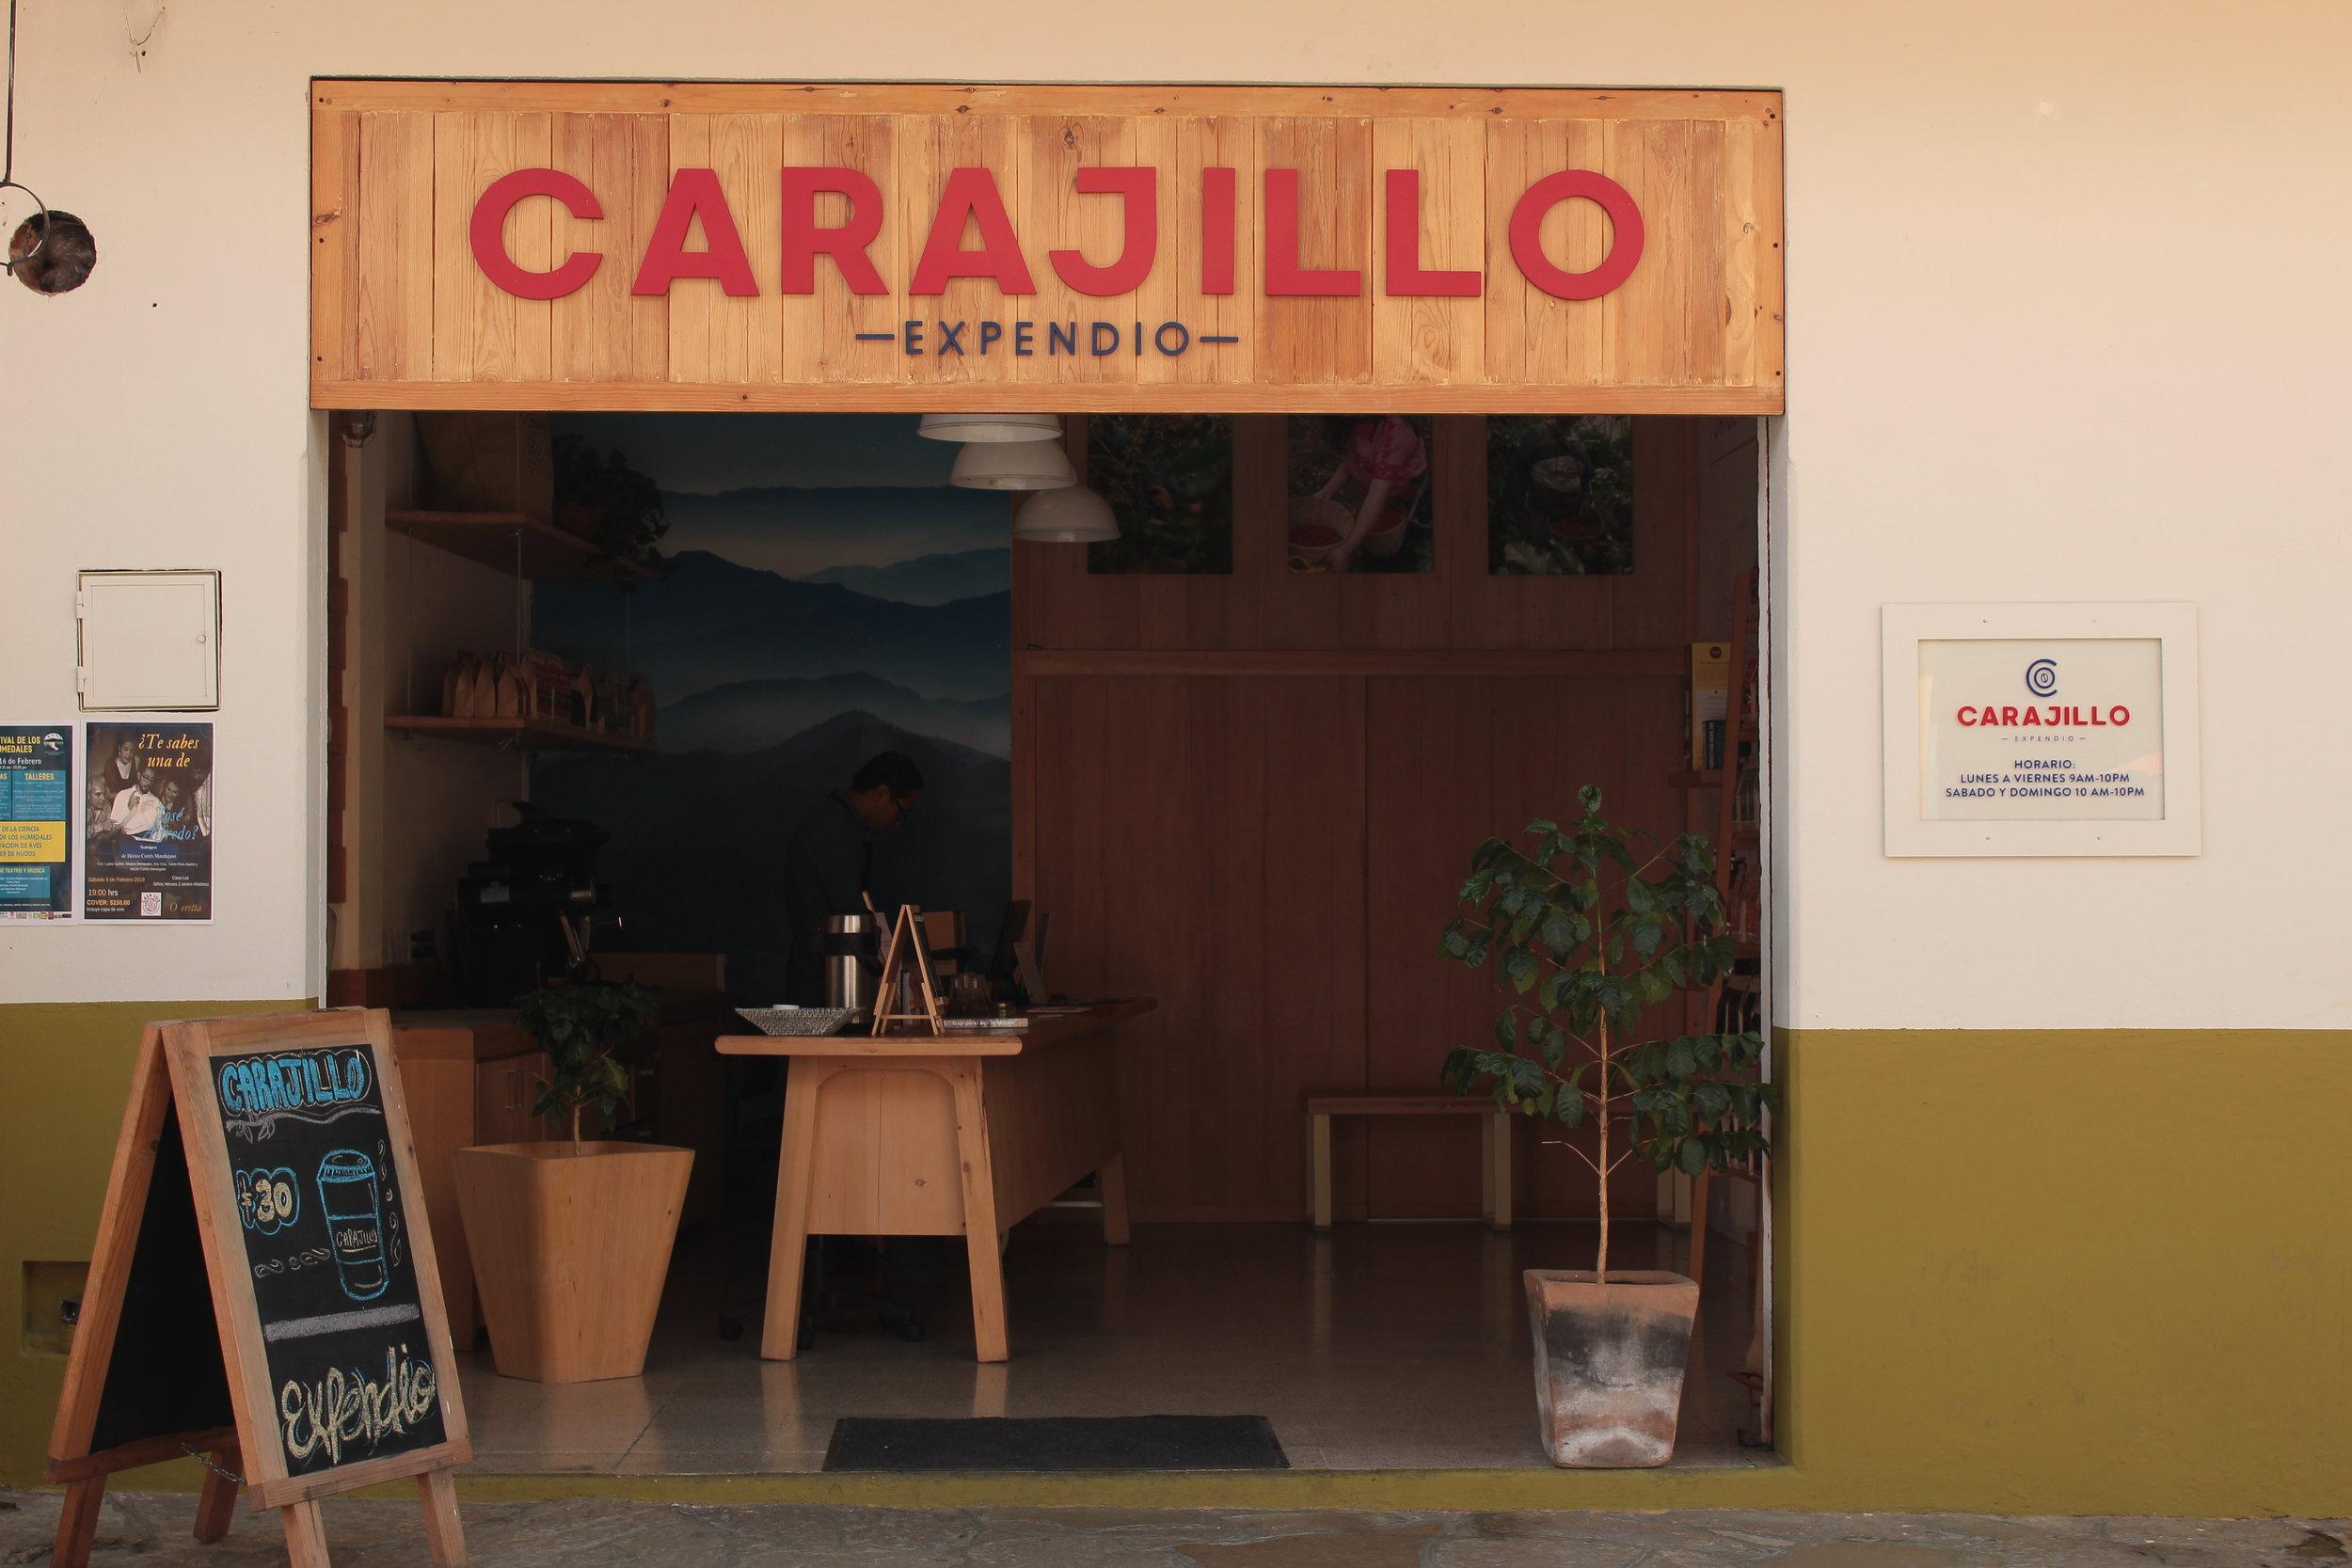 Carajillo Expendio - En éste lugar podrás encontrar todos los cafés de la línea Carajillo, además de las dos opciones que tenemos de chocolate y la deliciosa miel que proviene de la zona caficultora de Pantelhó.Si eres una persona que quiere aprender más de café...Todos los miércoles a las 6:00 de la tarde tenemos una degustación gratuita en la cual podrás aprender a percibir todos los matices de sabor que ofrece nuestro café, así como también las distintas formas de prepararlo.